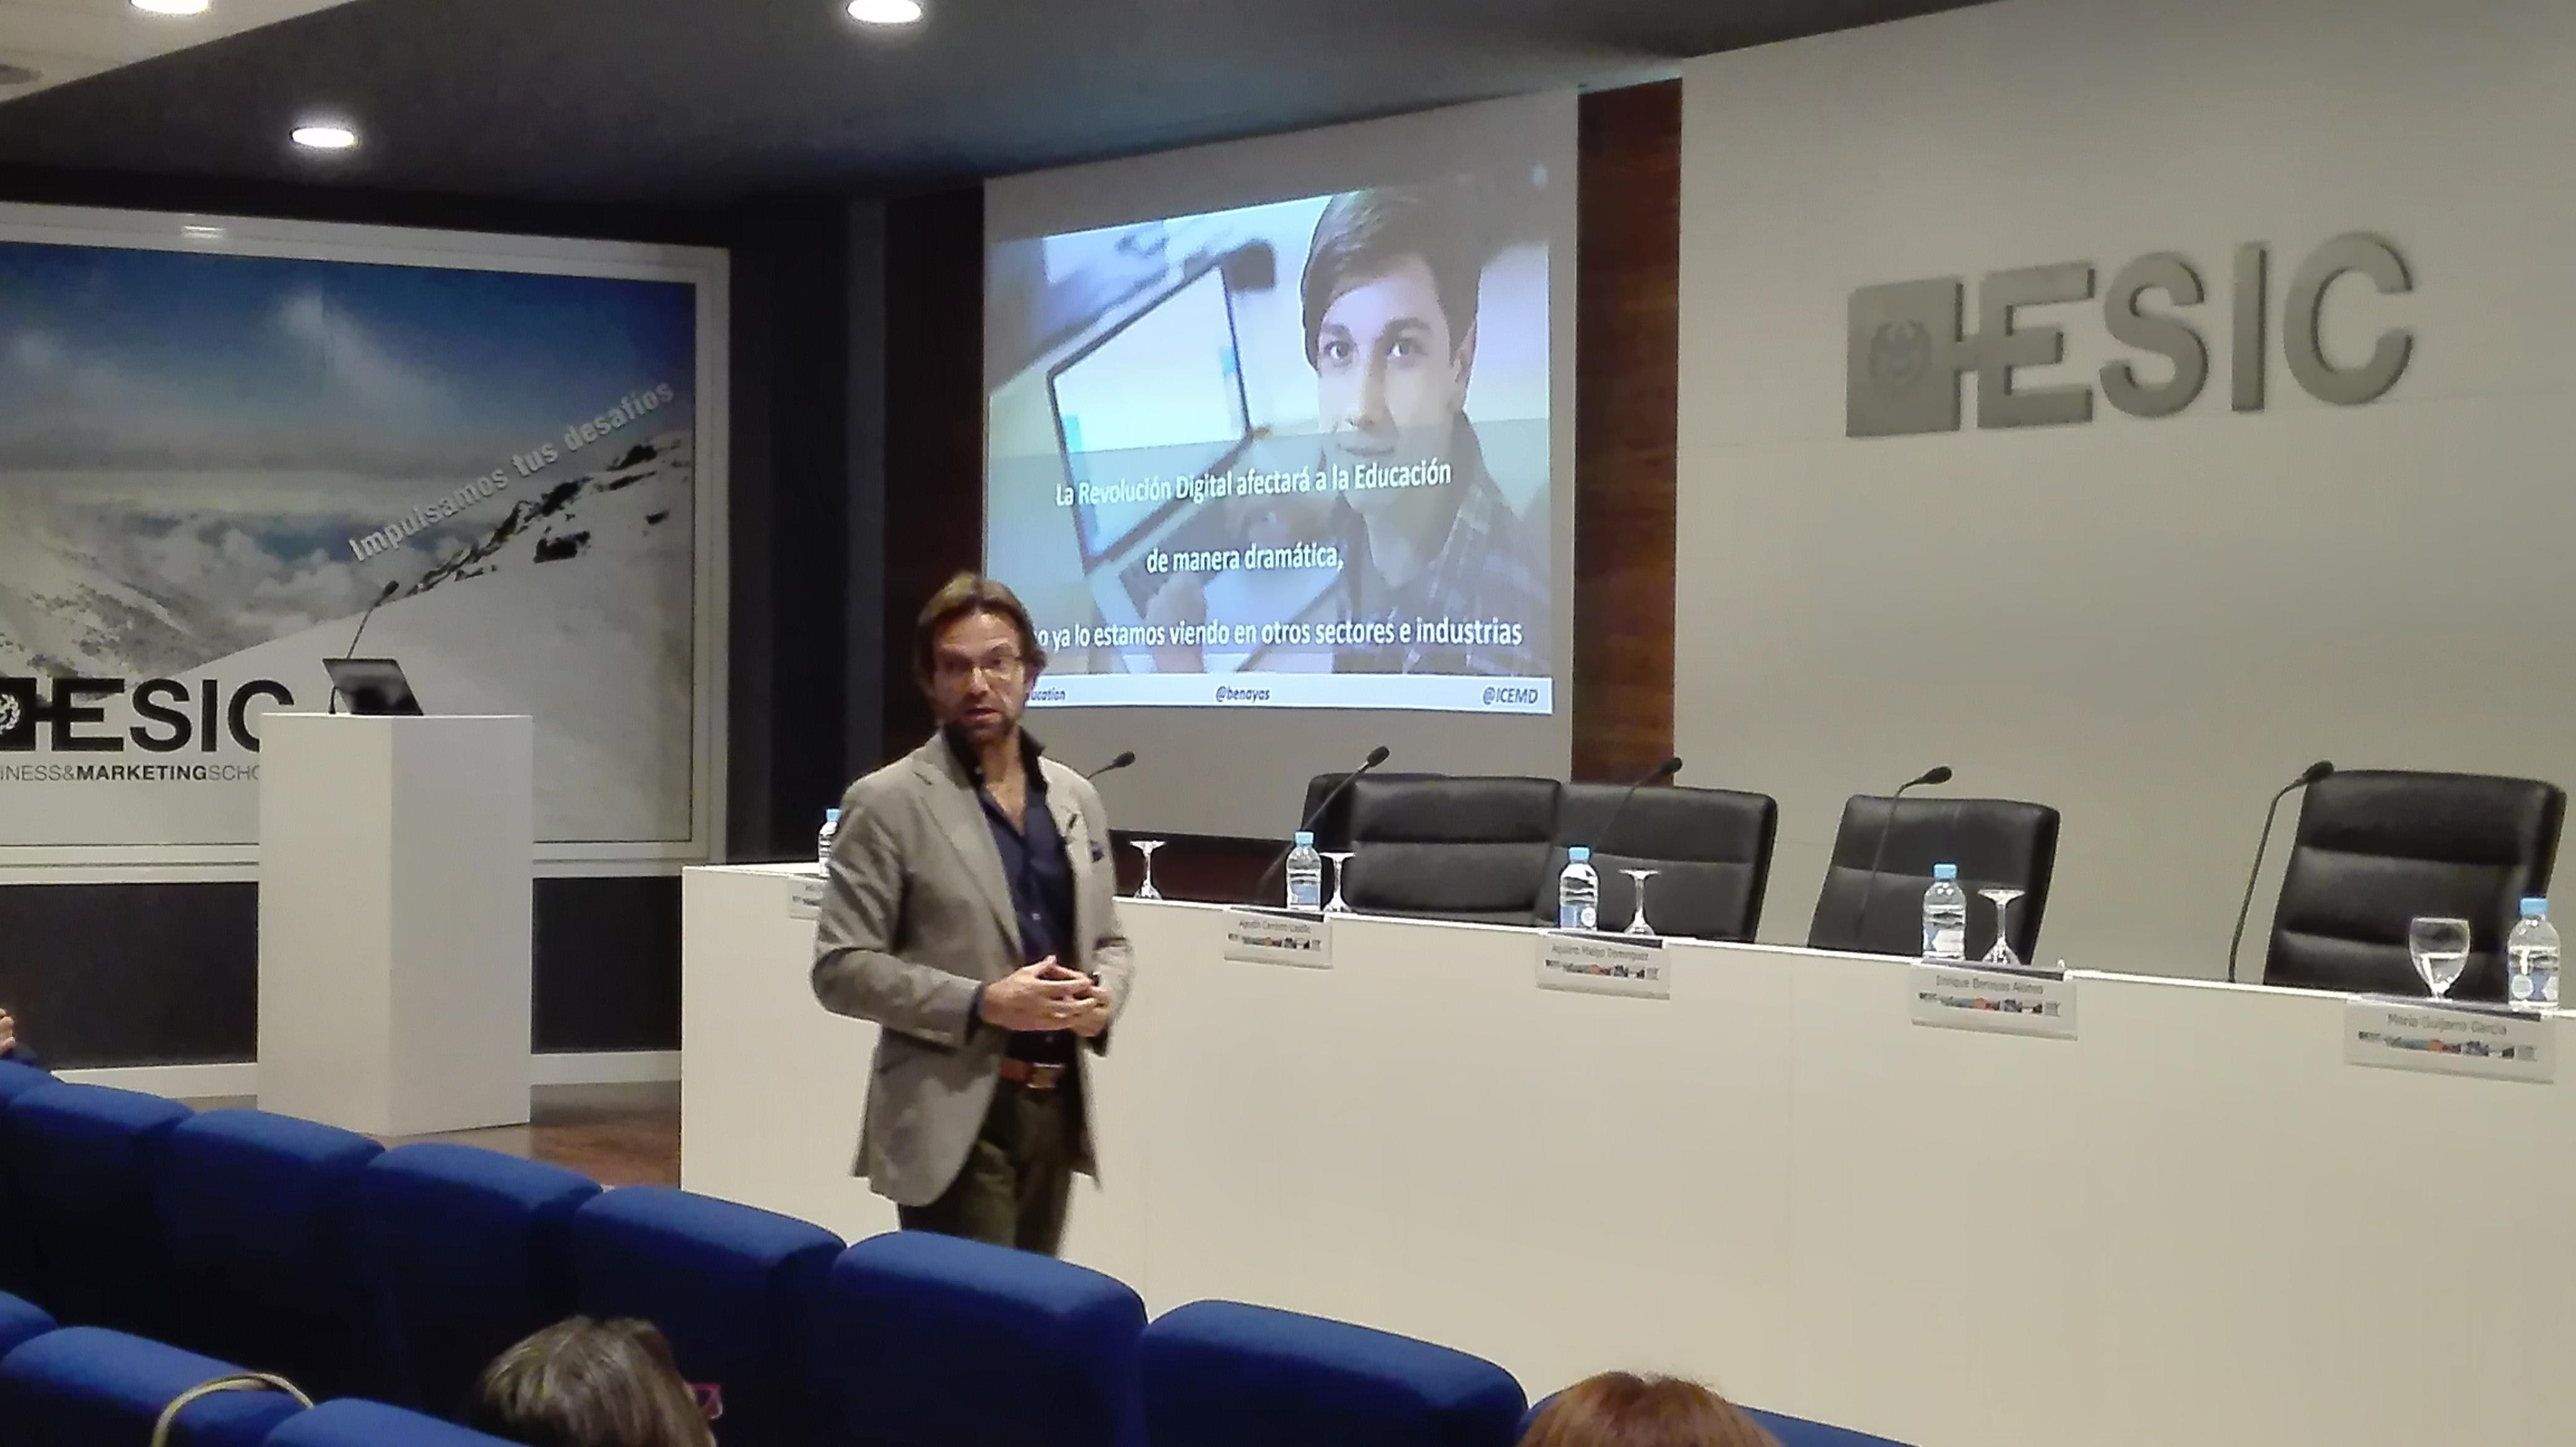 Enrique Benayas, director general de ICEMD -Instituto de Economía Digital de ESIC